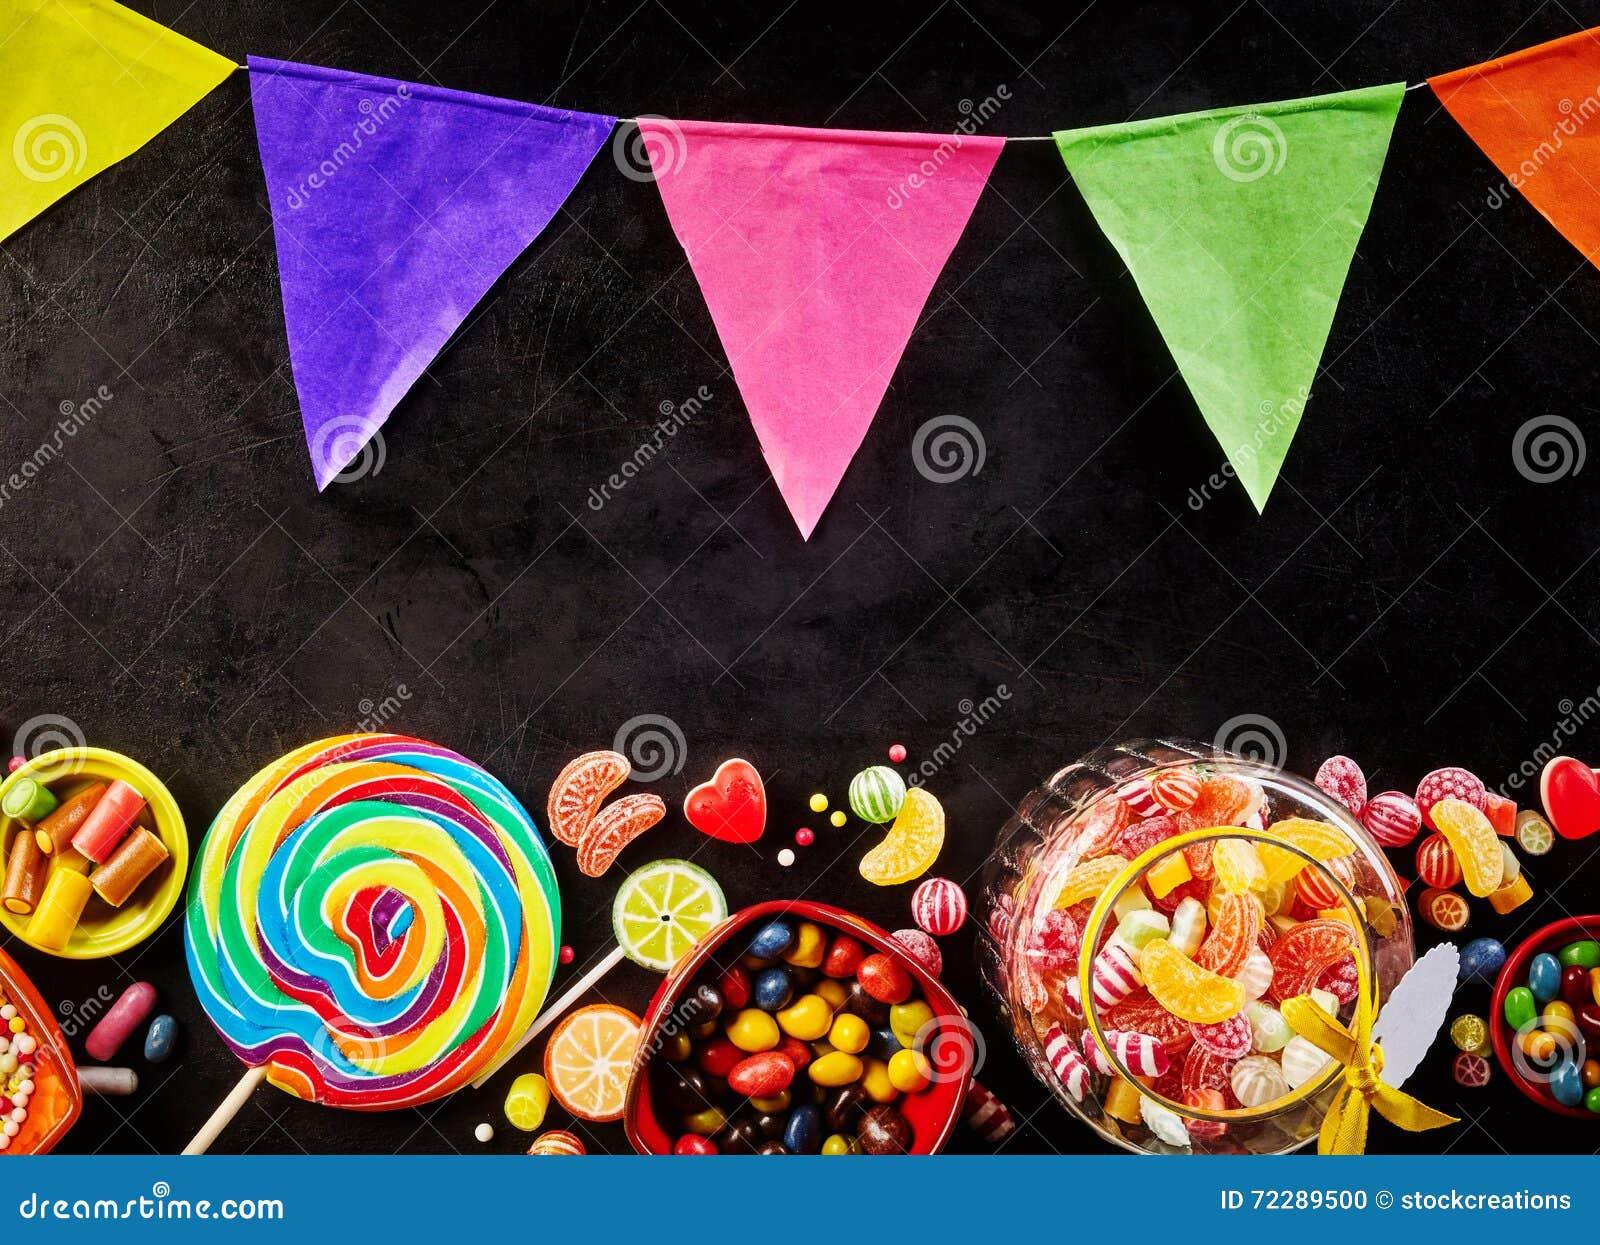 Download Праздничный плакат масленицы с красочной овсянкой Стоковое Фото - изображение насчитывающей годовщина, празднично: 72289500